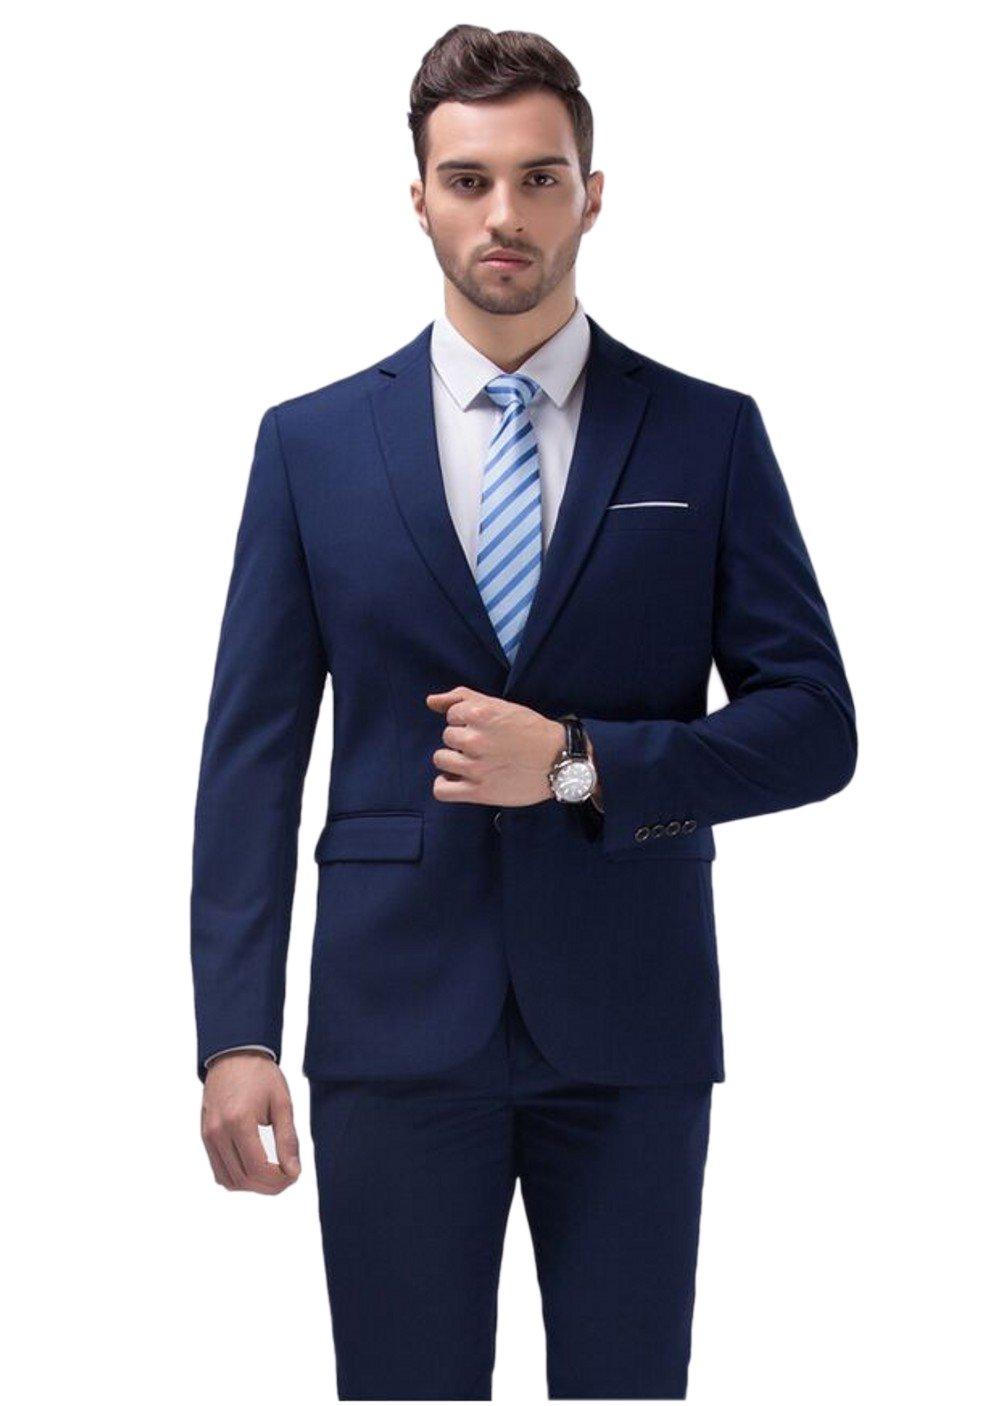 Love Dress Tuxedos for Men Two-Piece Suit Wedding Suits Blue 5XL